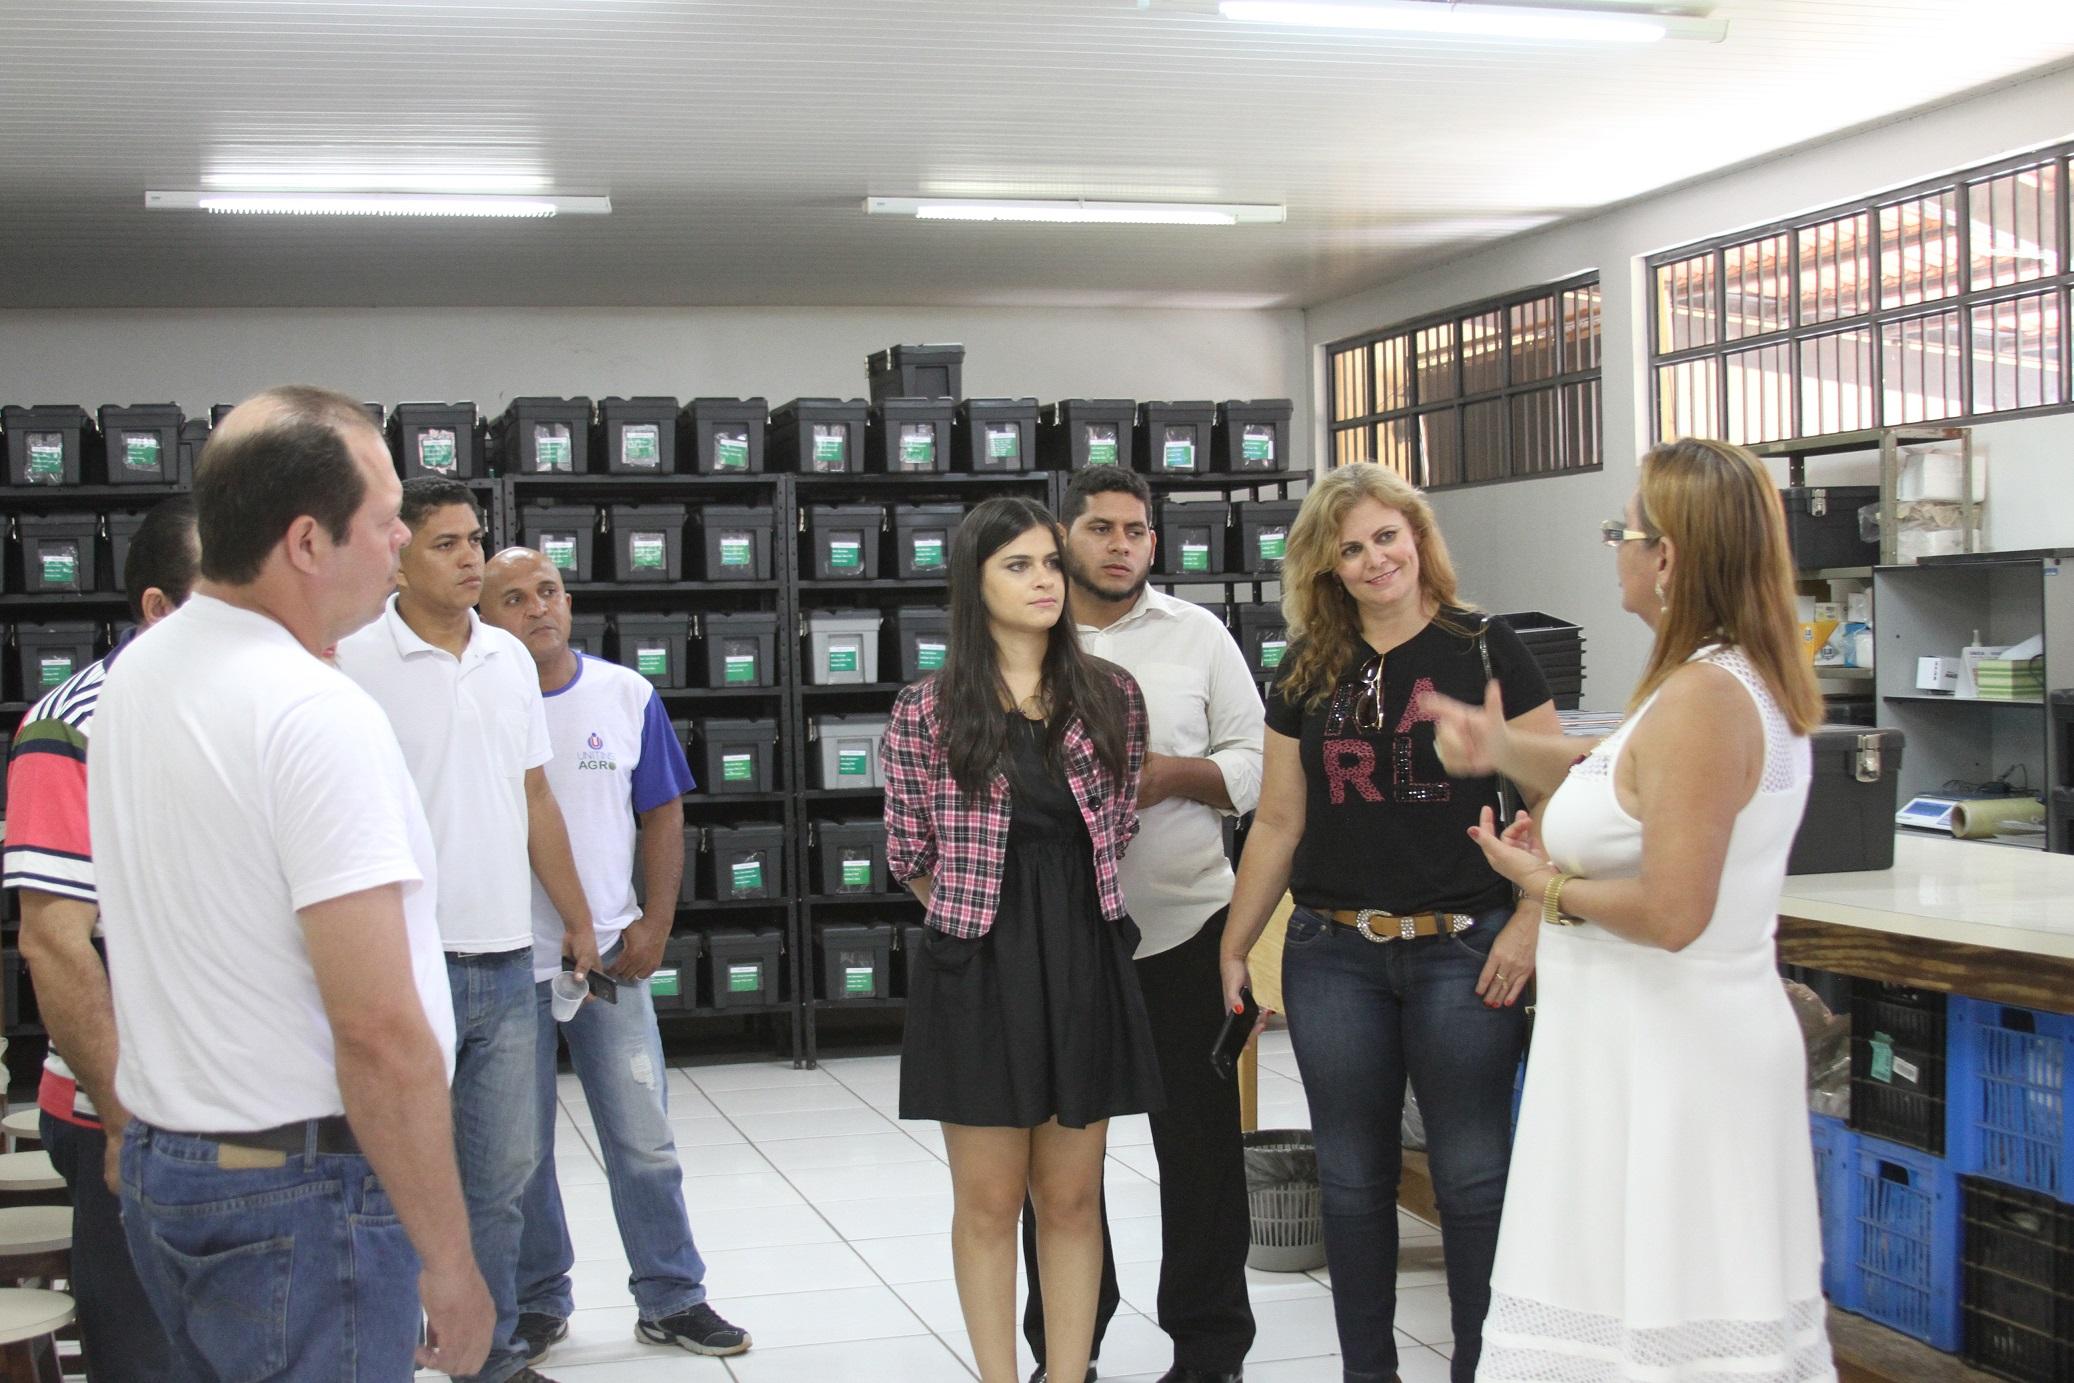 Professora Antônia Custódia Pedreira apresenta mostra acervo do Nuta aos visitantes